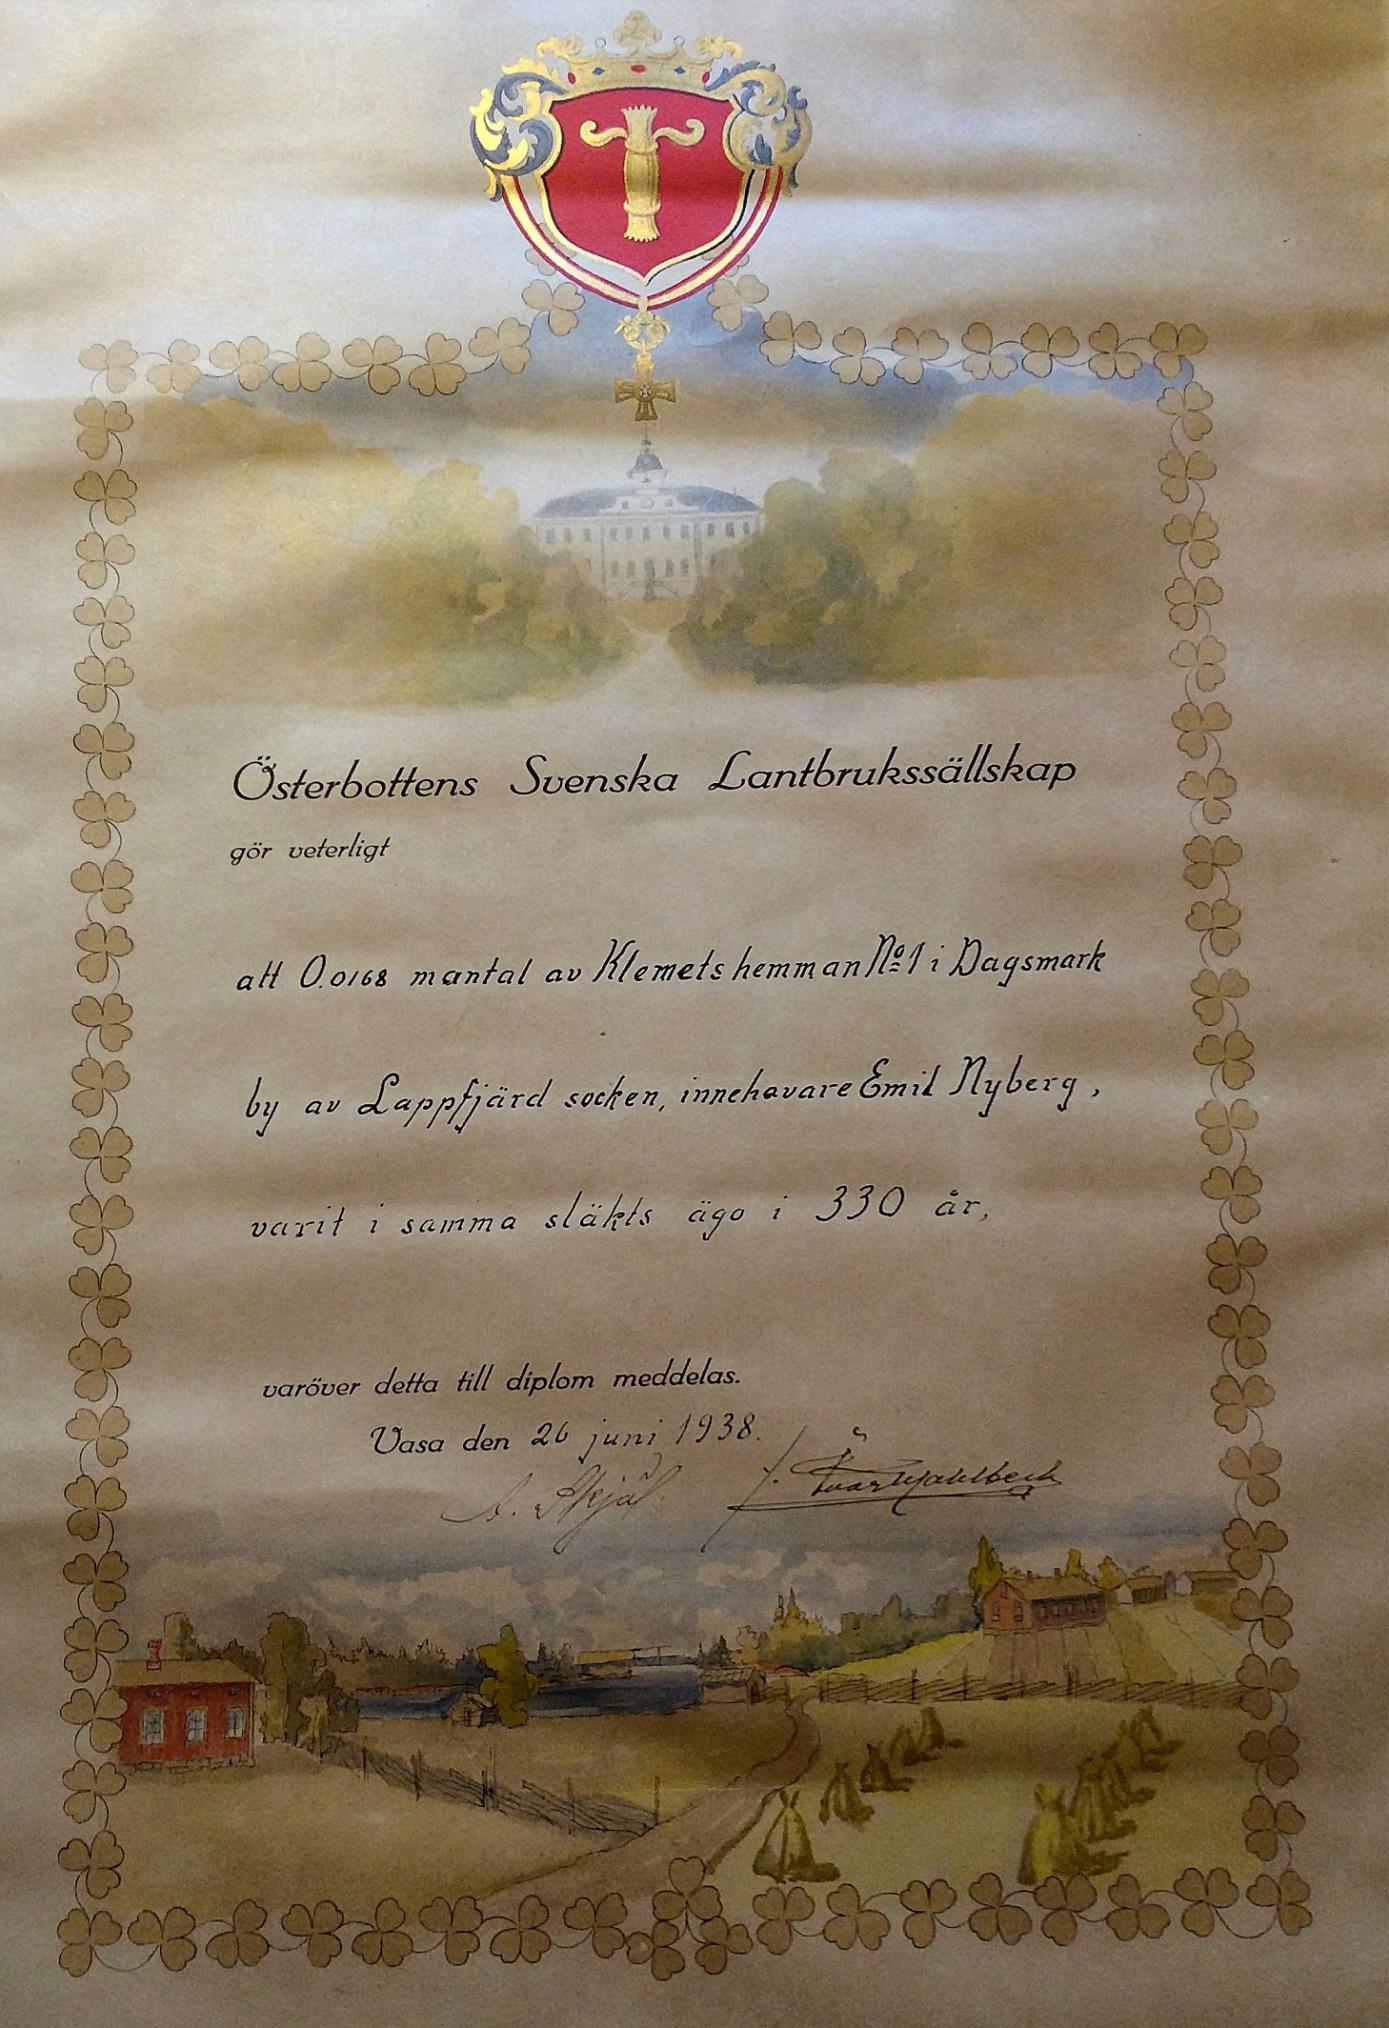 År 1938 fick Emil Nyberg detta diplom av Österbottens Svenska Lantbrukssällskap, som visar att hans hemman är en del av Klemets gamla hemman som funnits till sedan 1608.